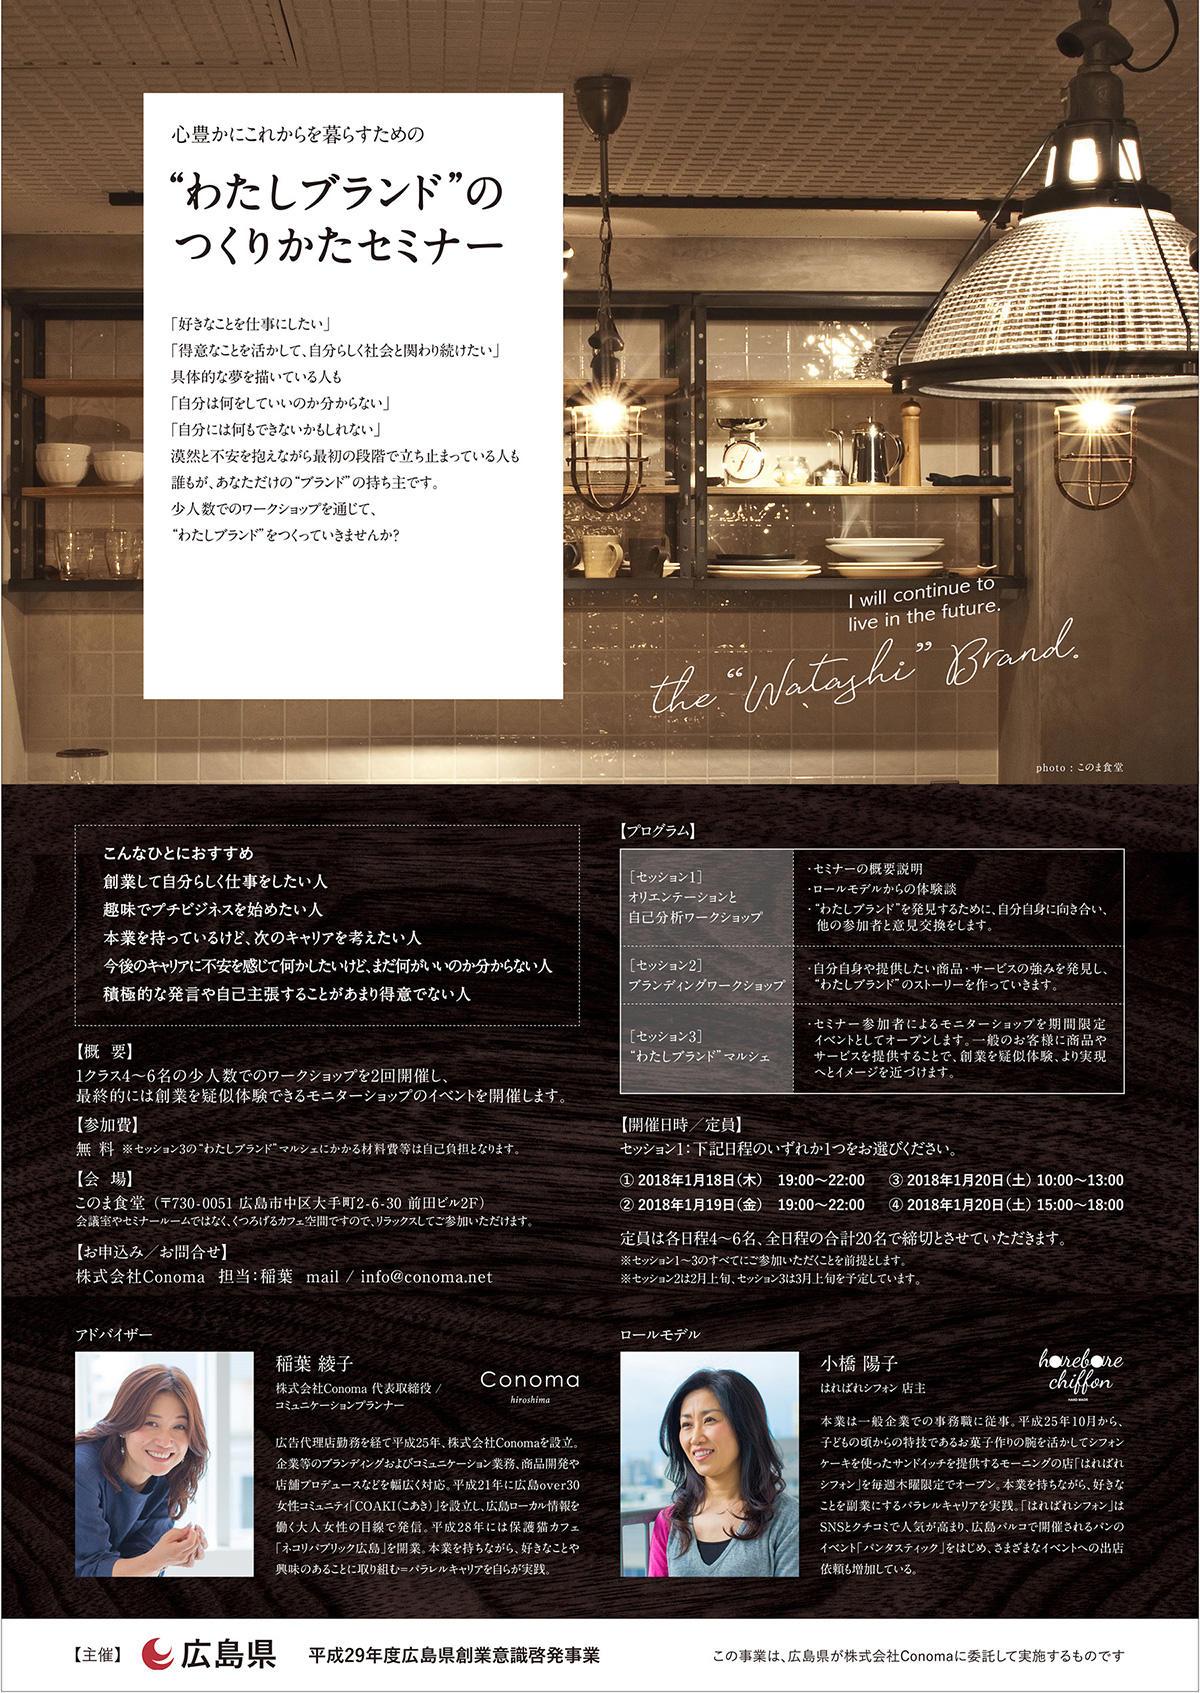 http://coaki.jp/hiroshima/watashi_brand_A4.jpg